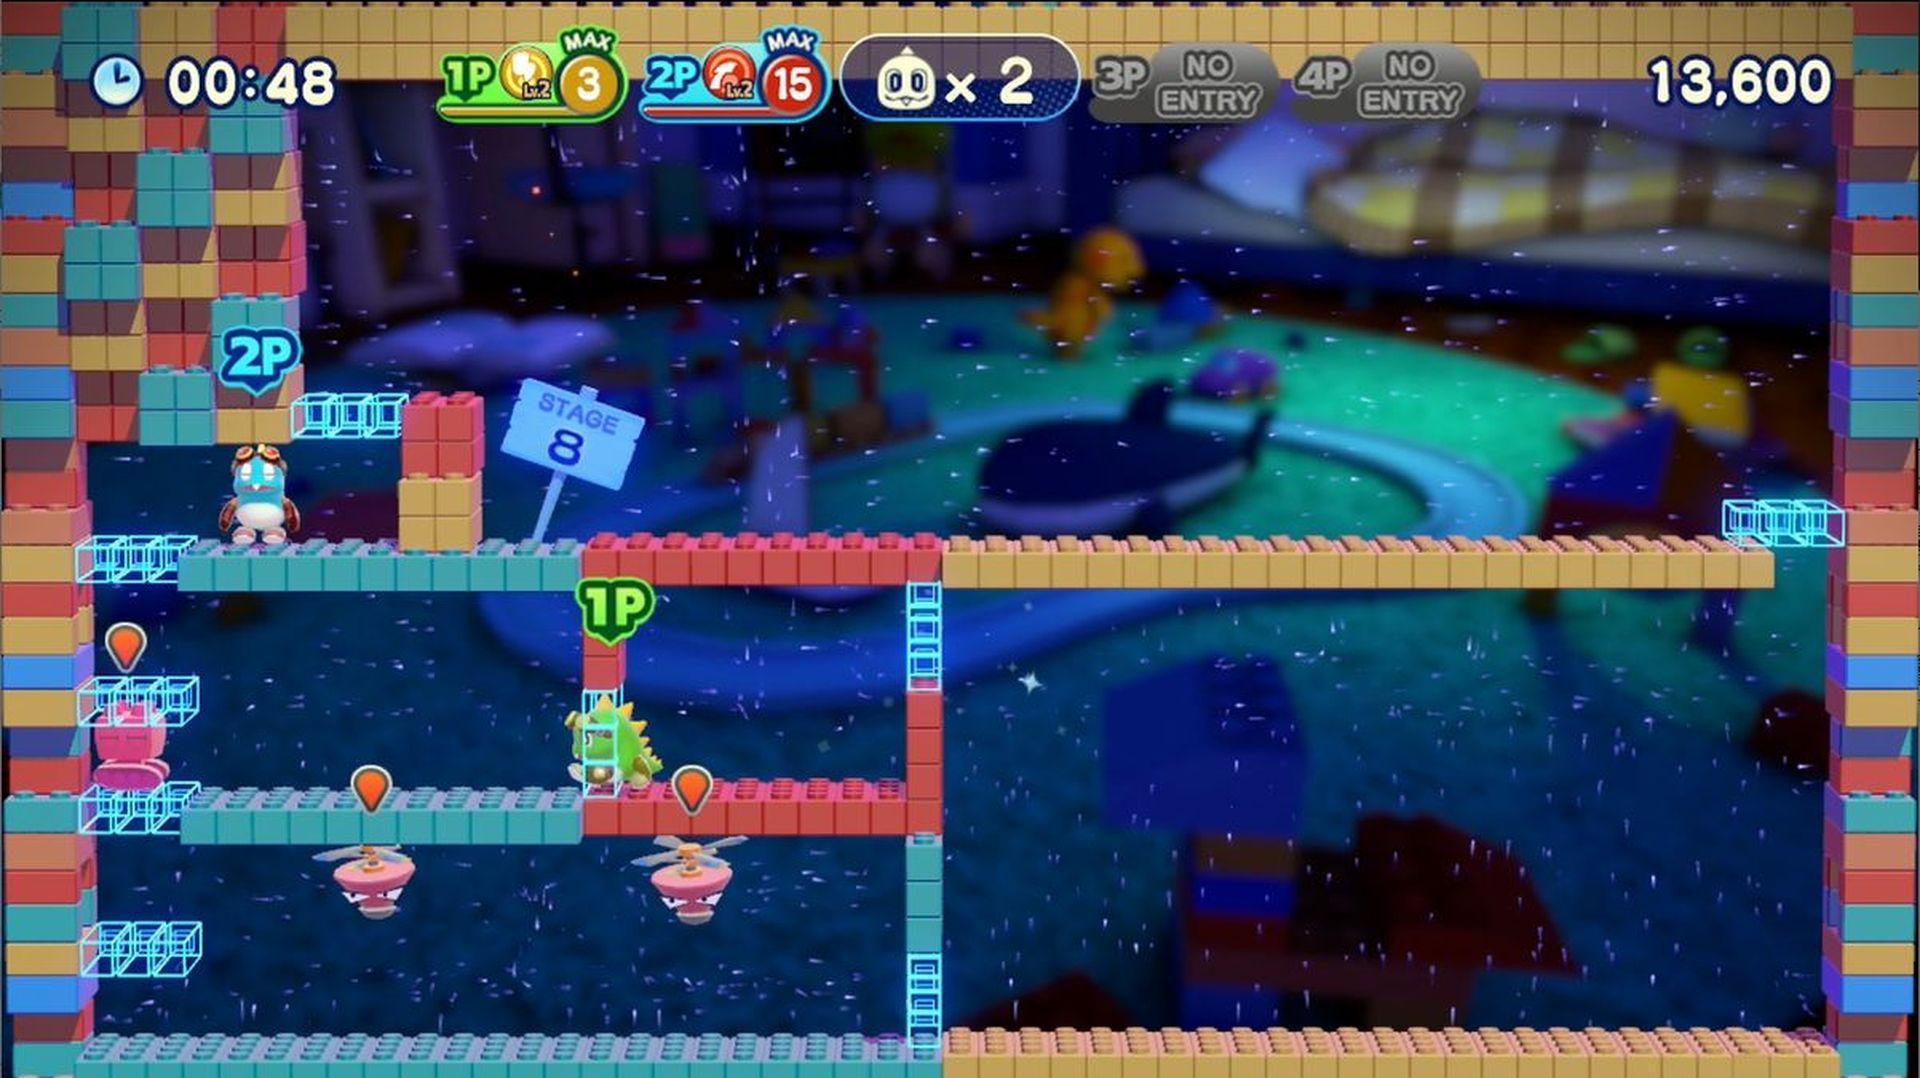 青い半透明の足場は、下からジャンプしたり、横から入れば通り抜けることが可能